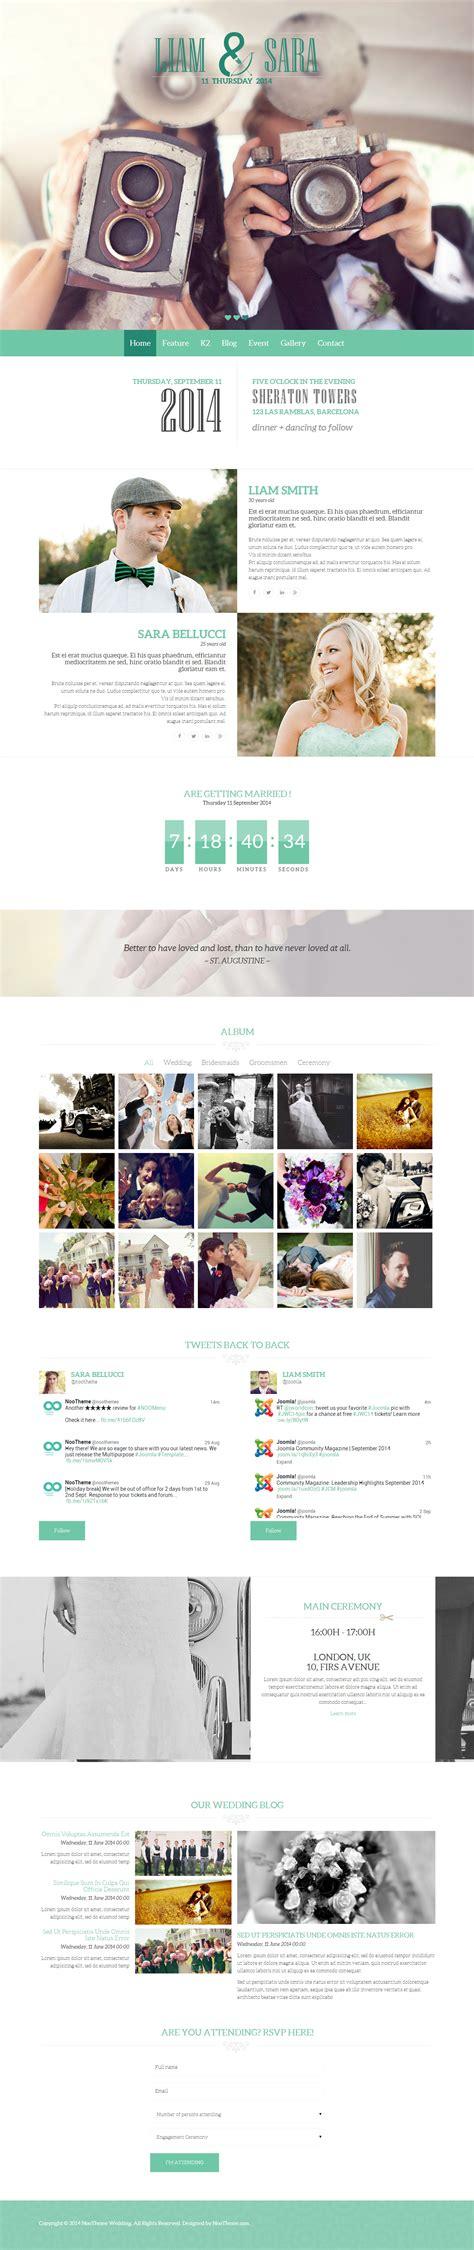 joomla themes best best responsive wedding joomla templates in 2014